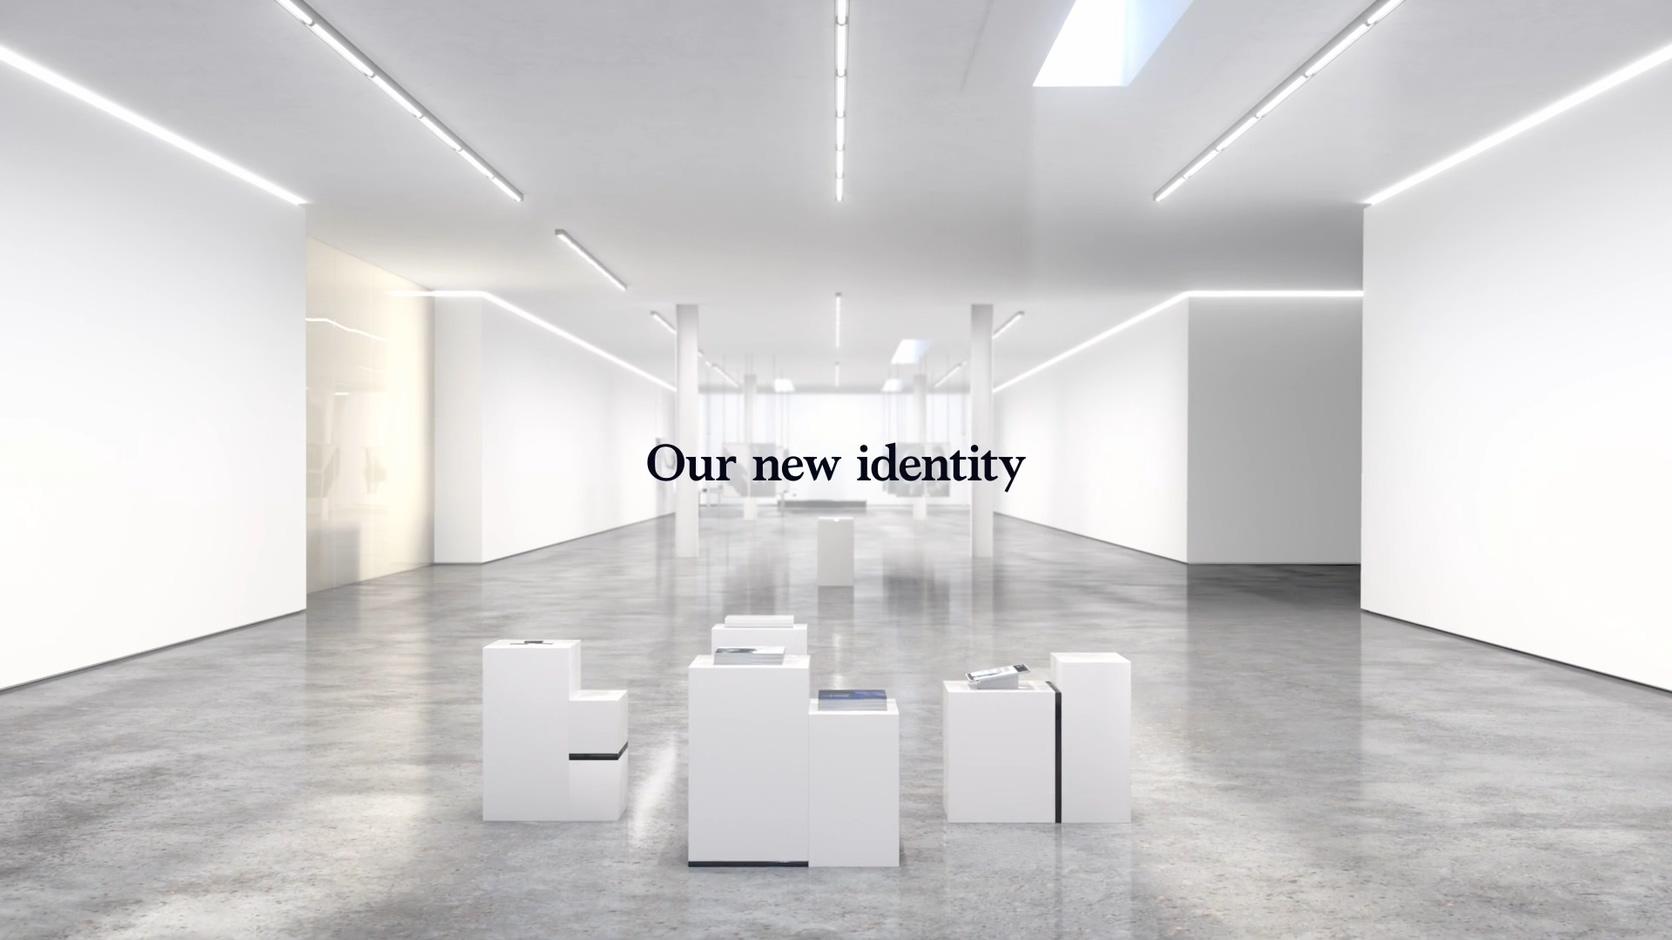 打字机简洁艺术空间干净亮白艺术场景科技场景